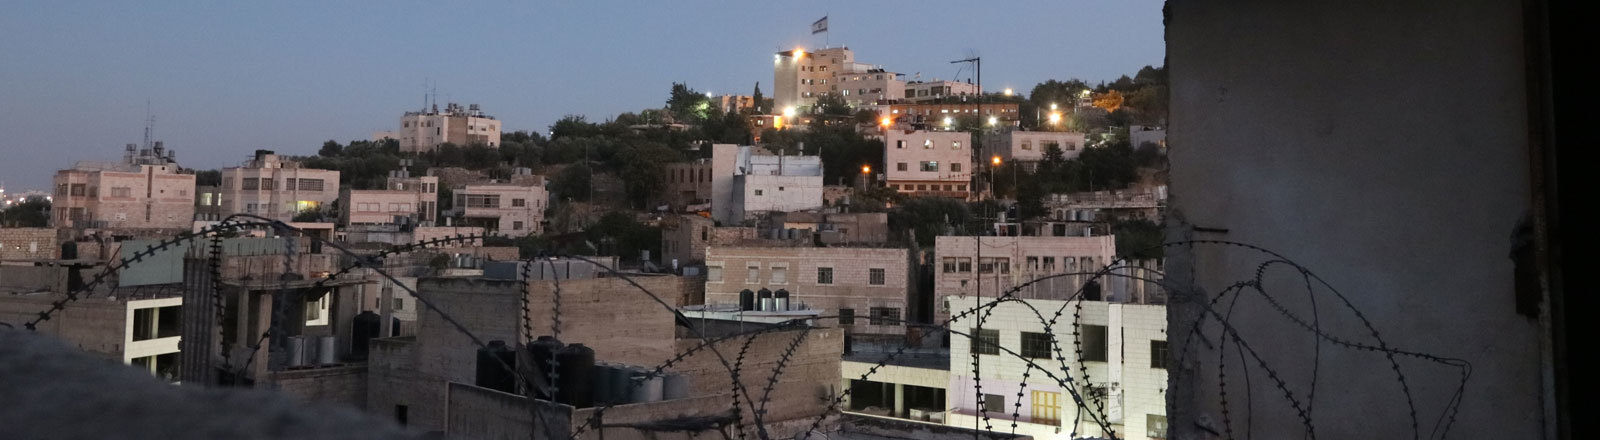 Blick vom Dach auf die israelische Siedlung Mitten in Hebron